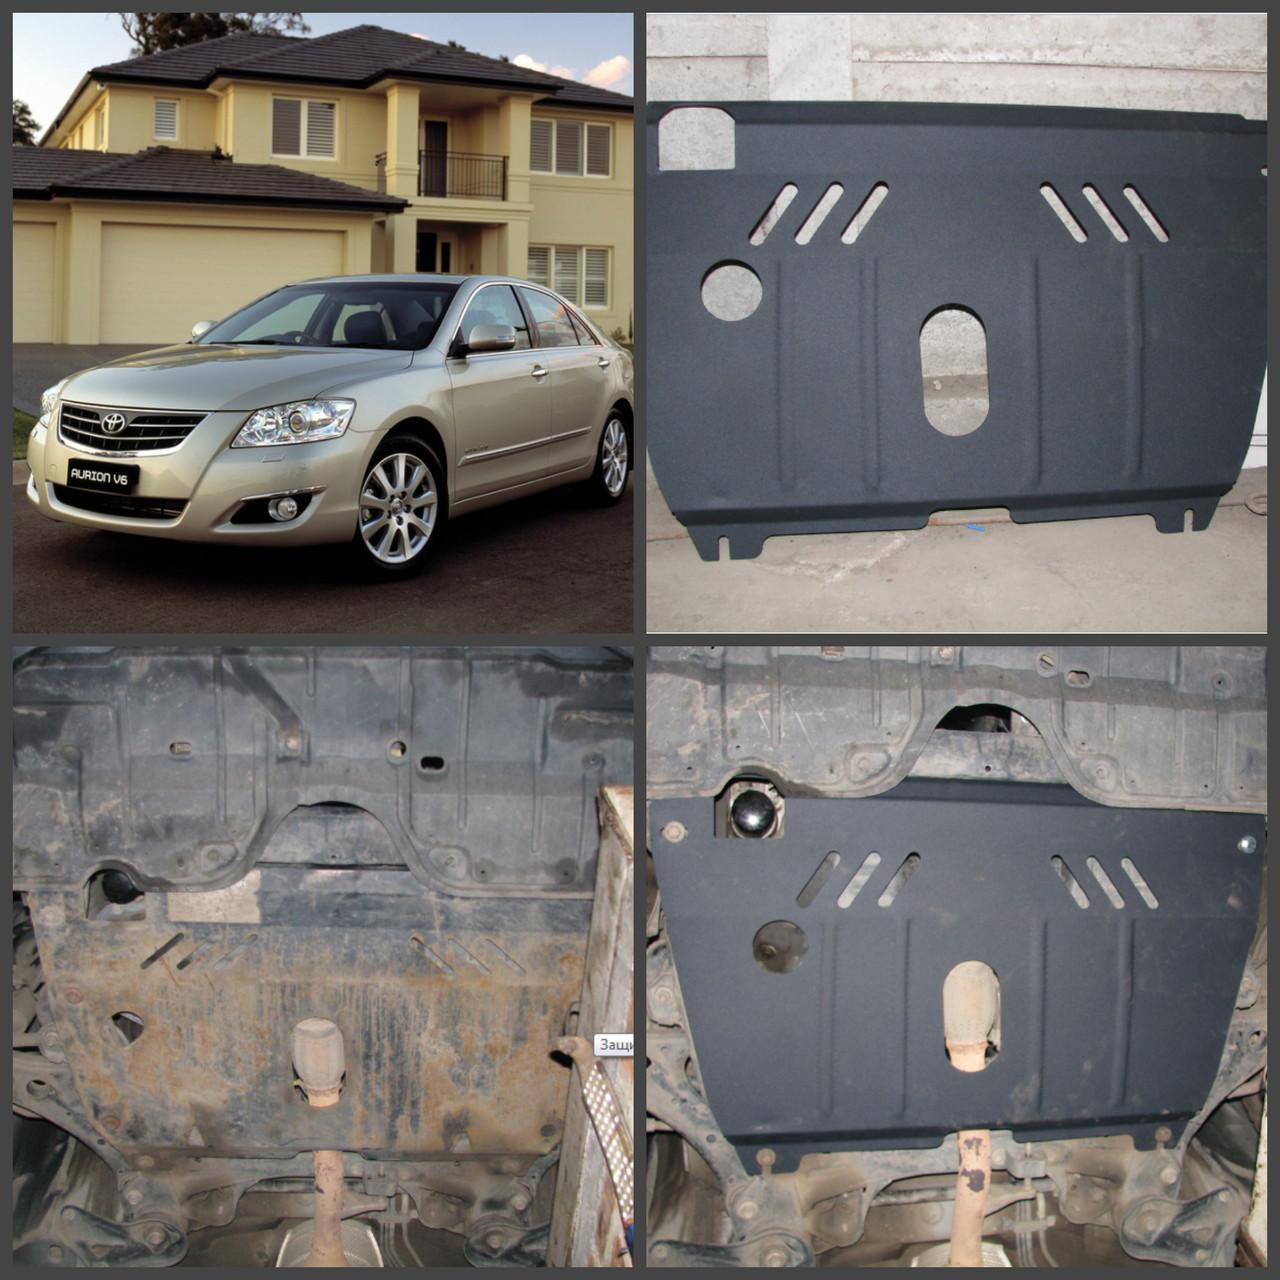 Защита двигателя Toyota Corolla City (2006-2019) V 1,3; (двигатель, КПП, радиатор)